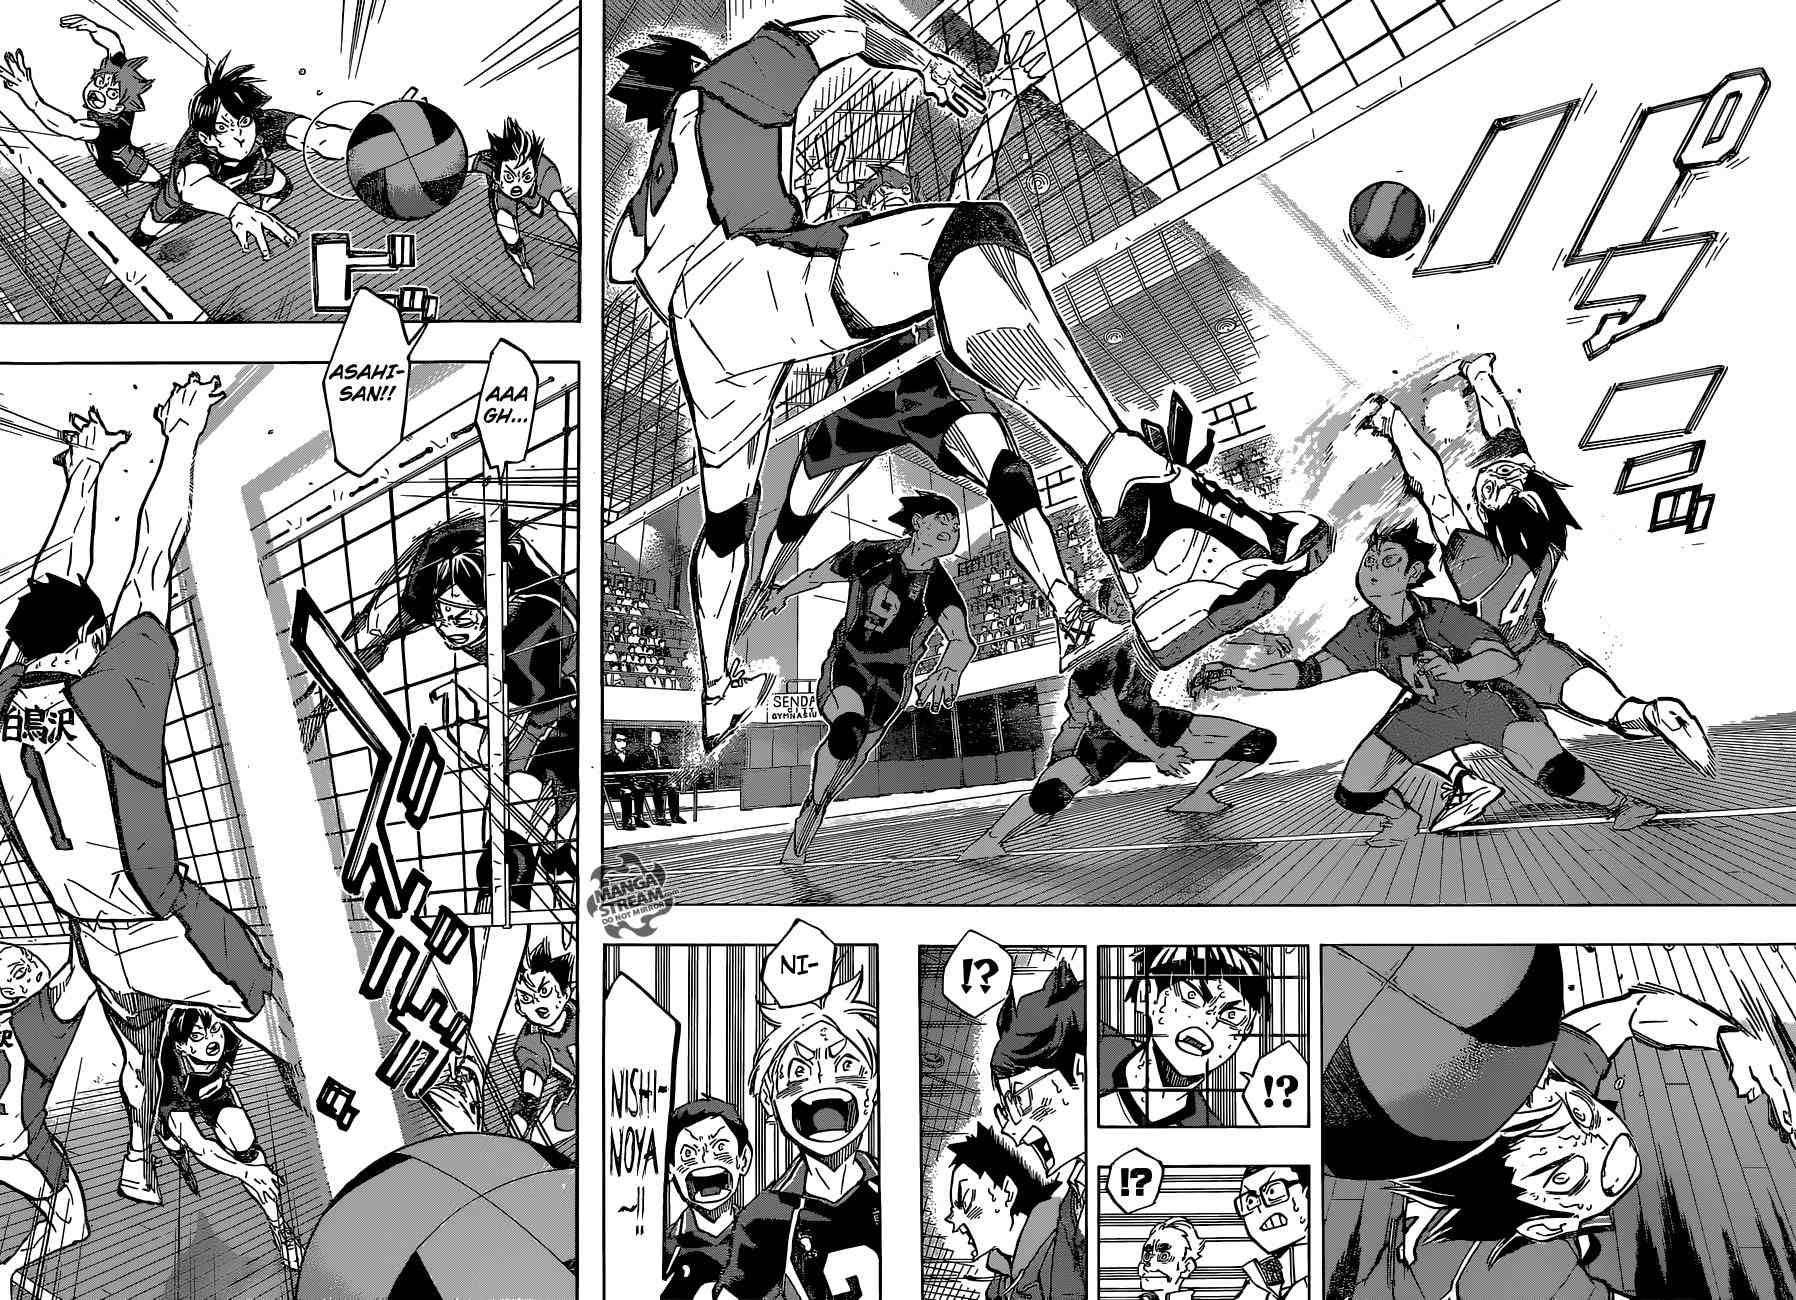 Read Manga Online Free - Haikyuu - Chapter 187 - Page 9 | Nishinoya Yuu | Haikyuu ...